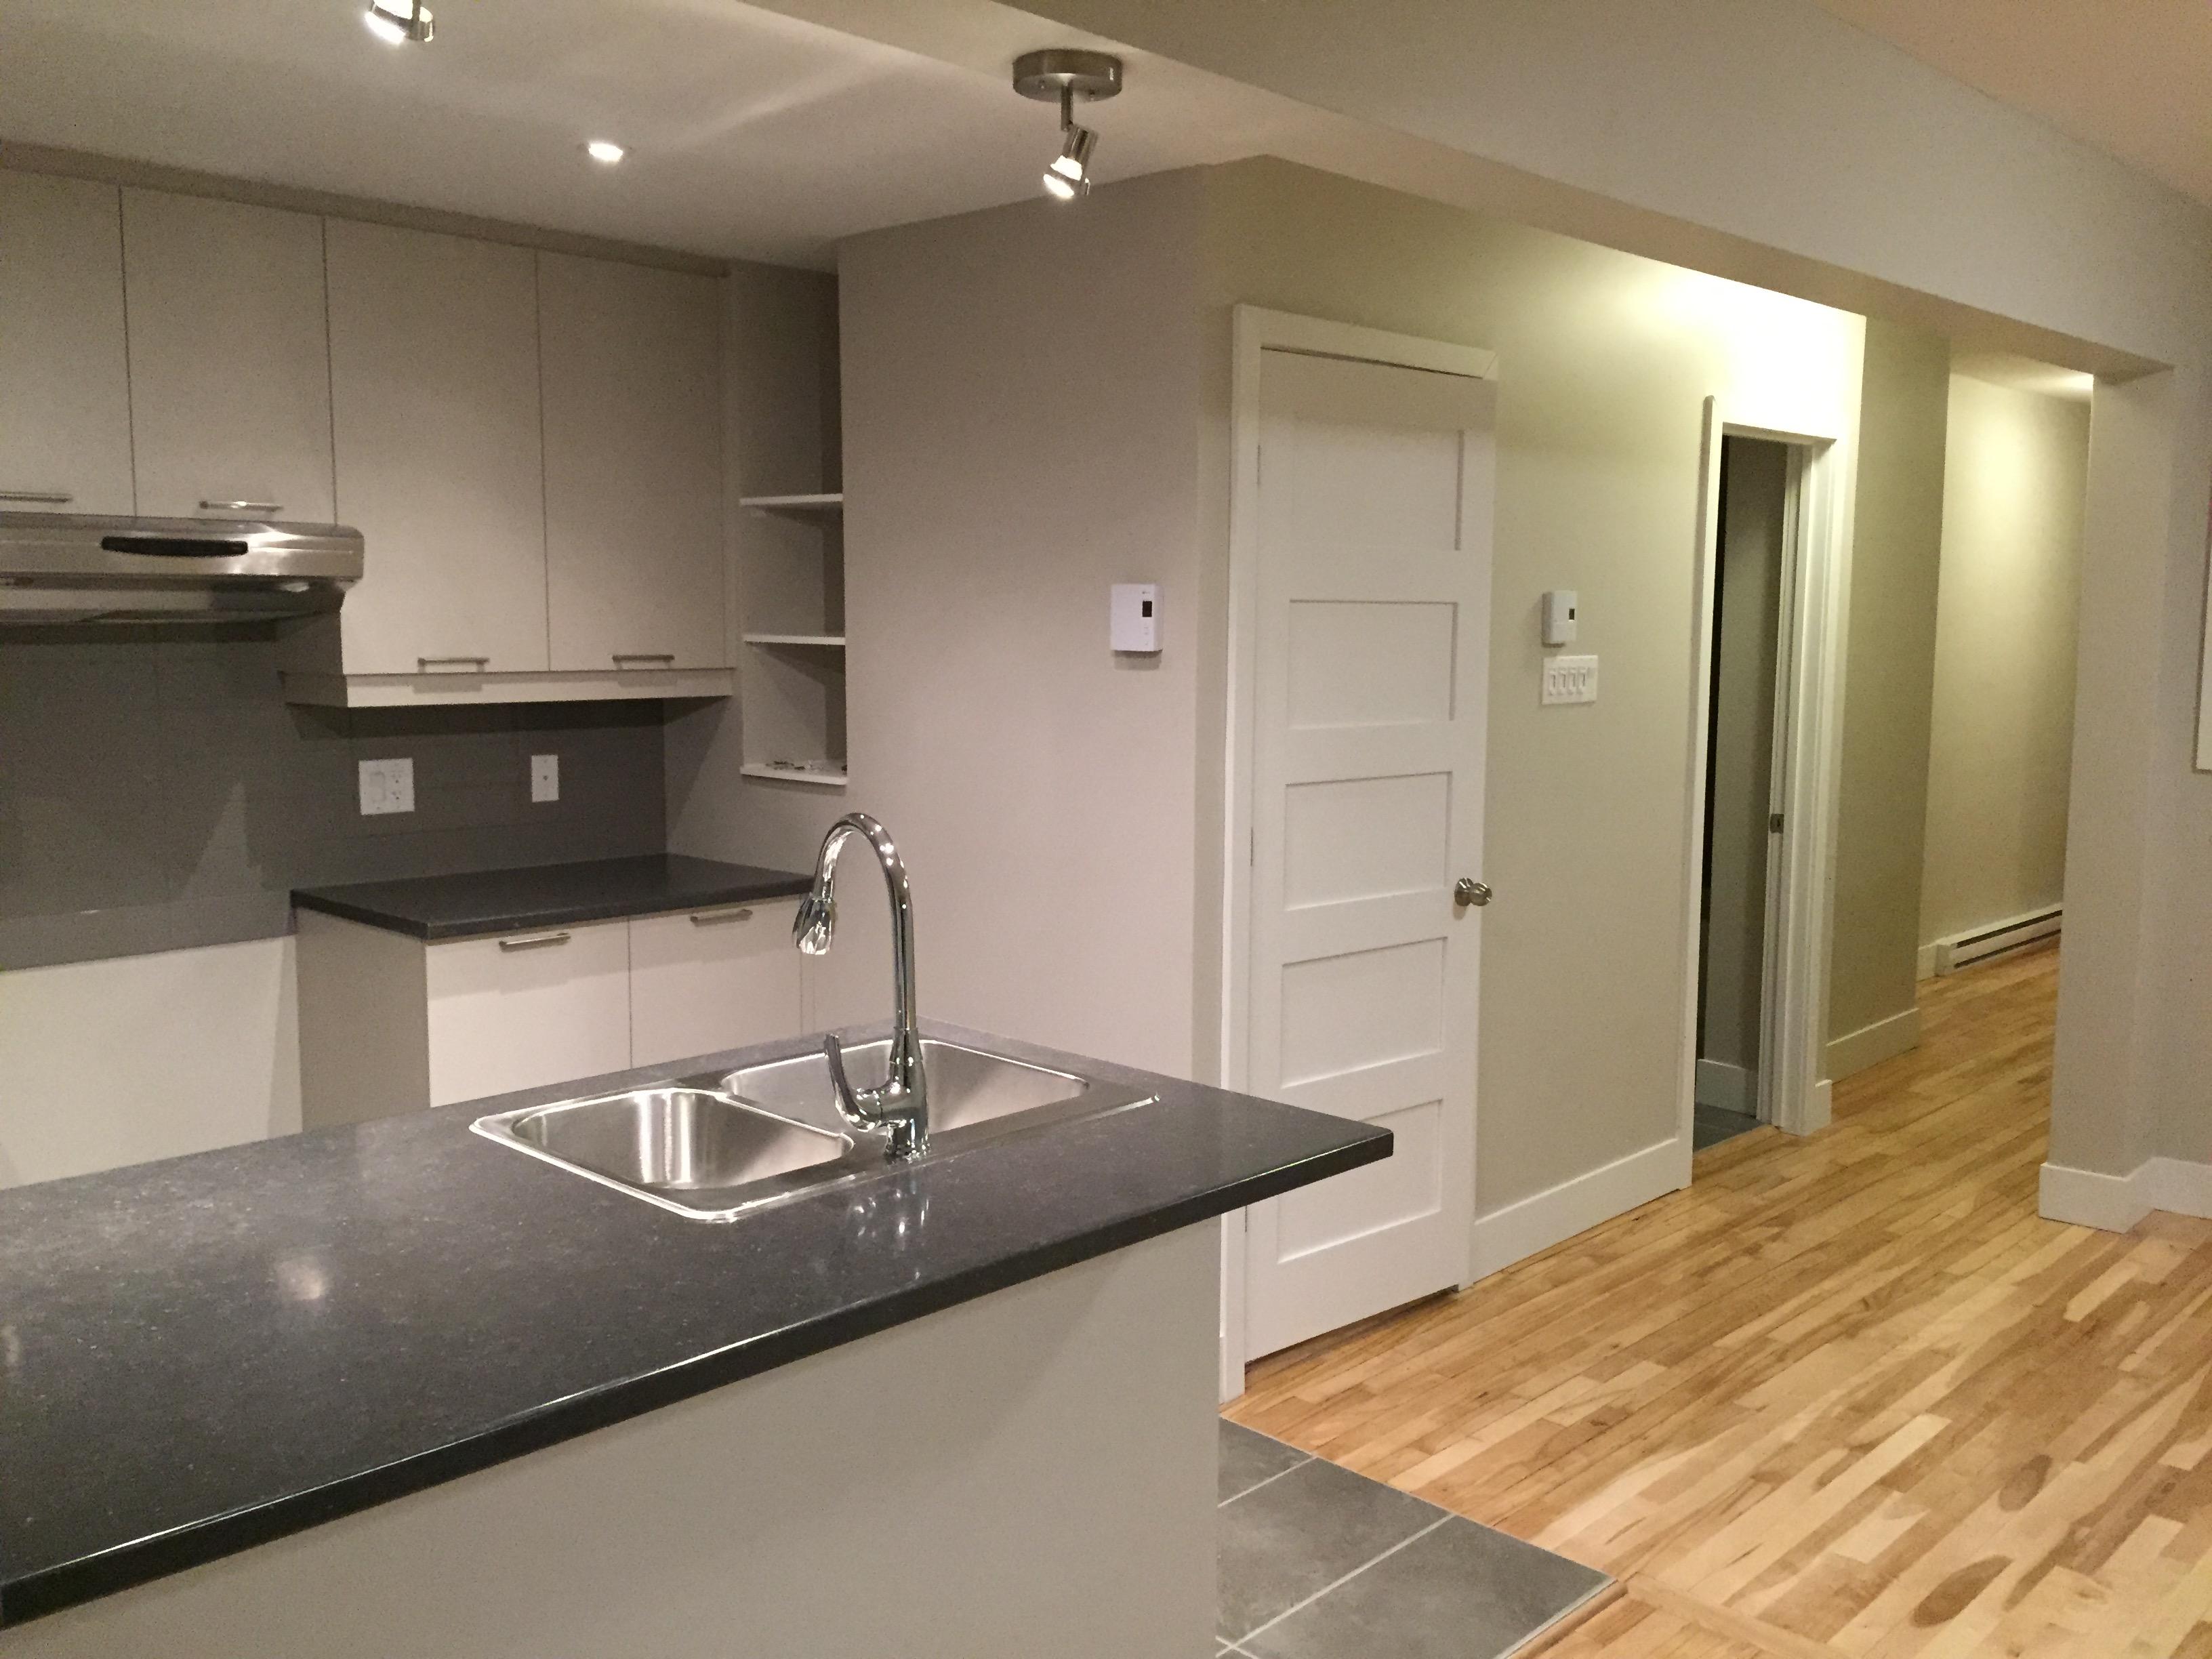 armoire cuisine et salle de bain construction 1909. Black Bedroom Furniture Sets. Home Design Ideas